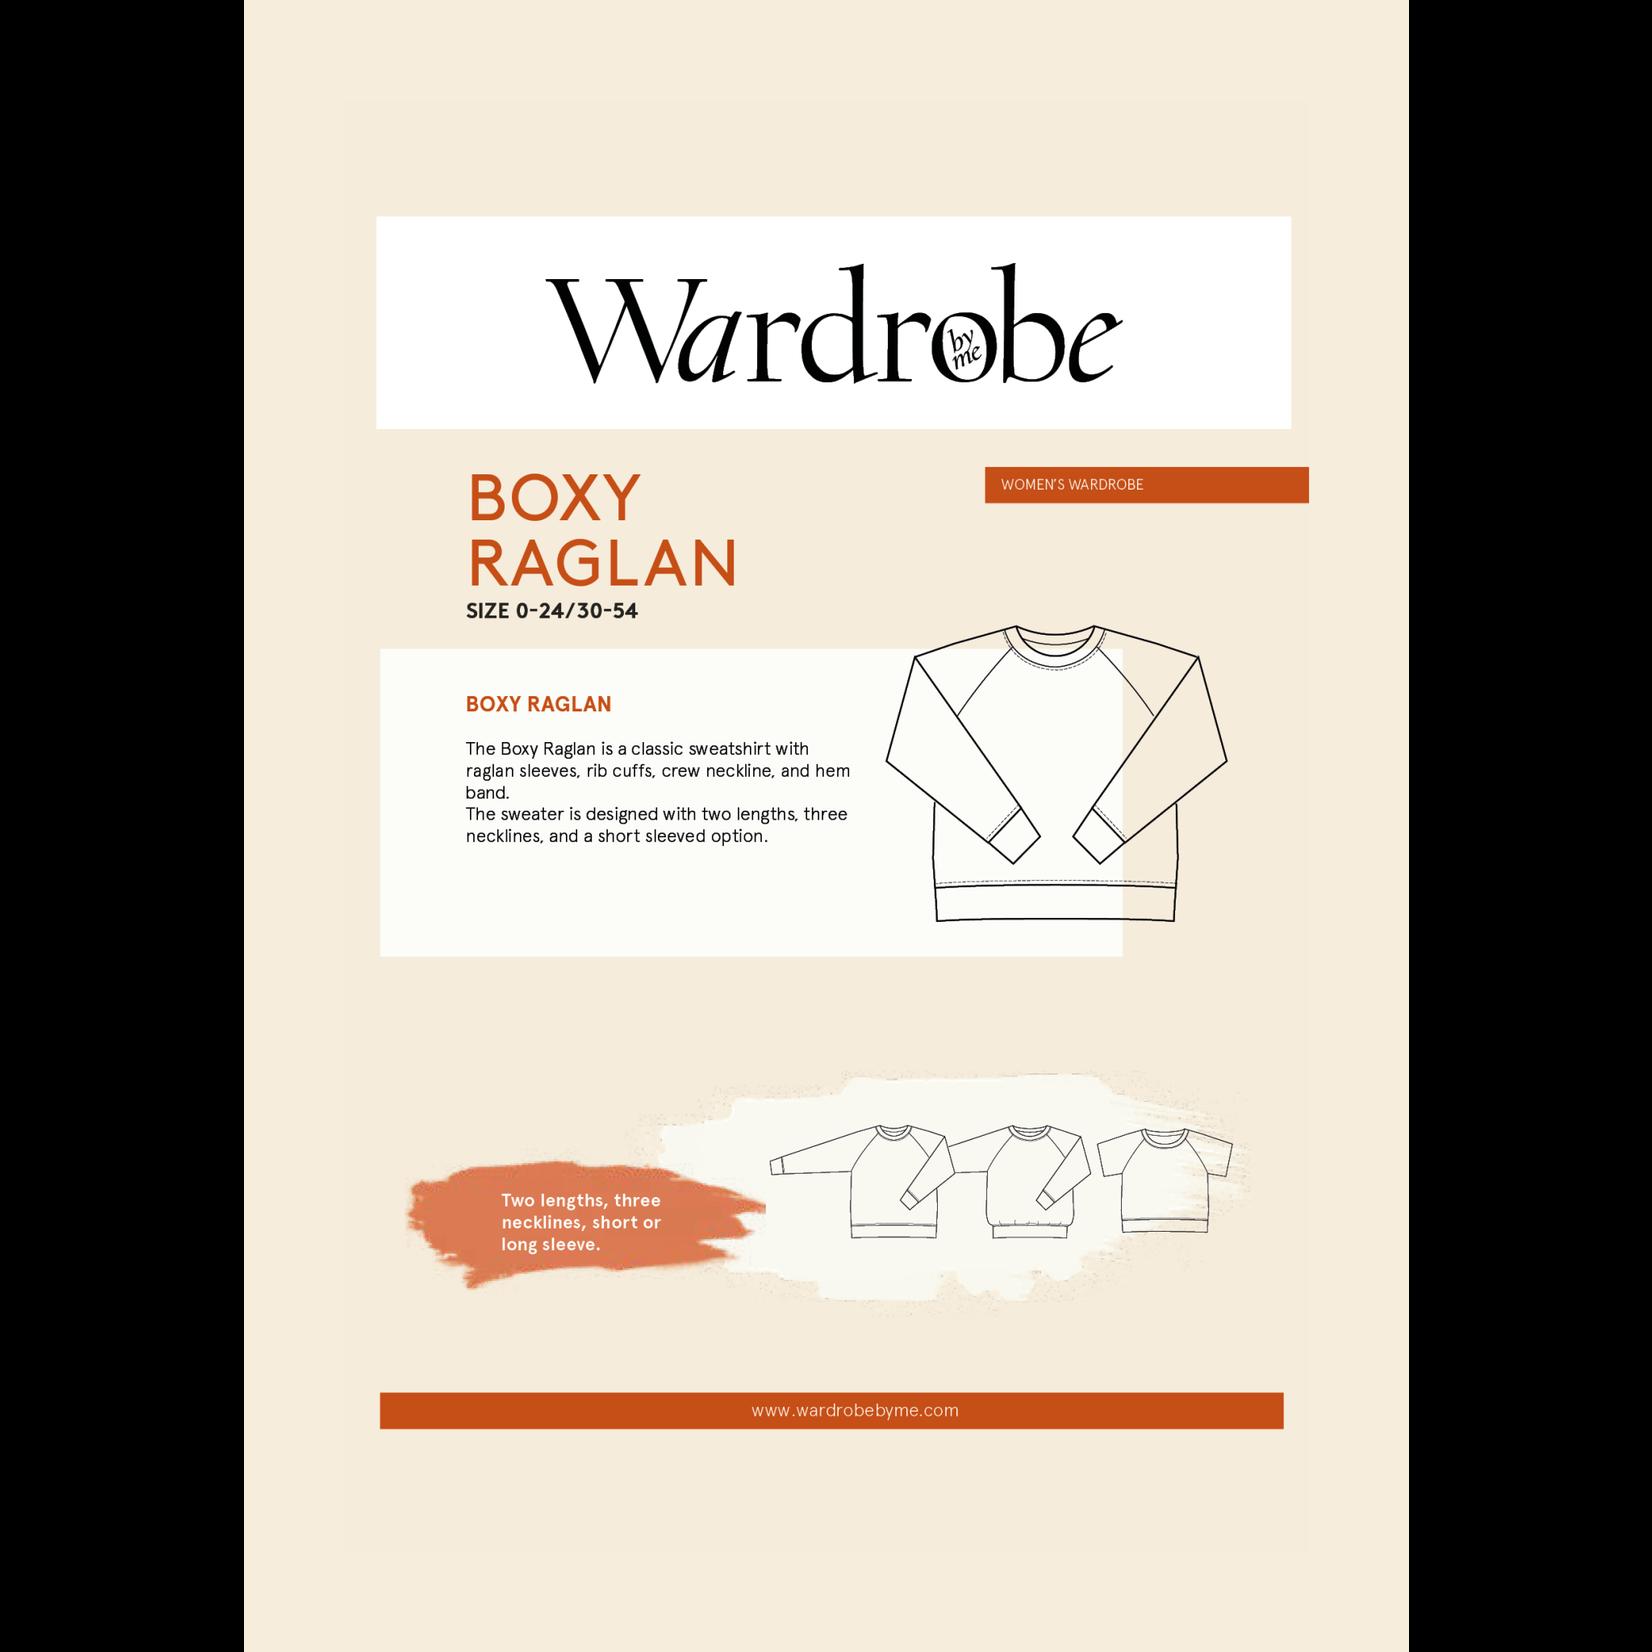 Wardrobe by Me Boxy Raglan Pattern 0-24 (30-54)